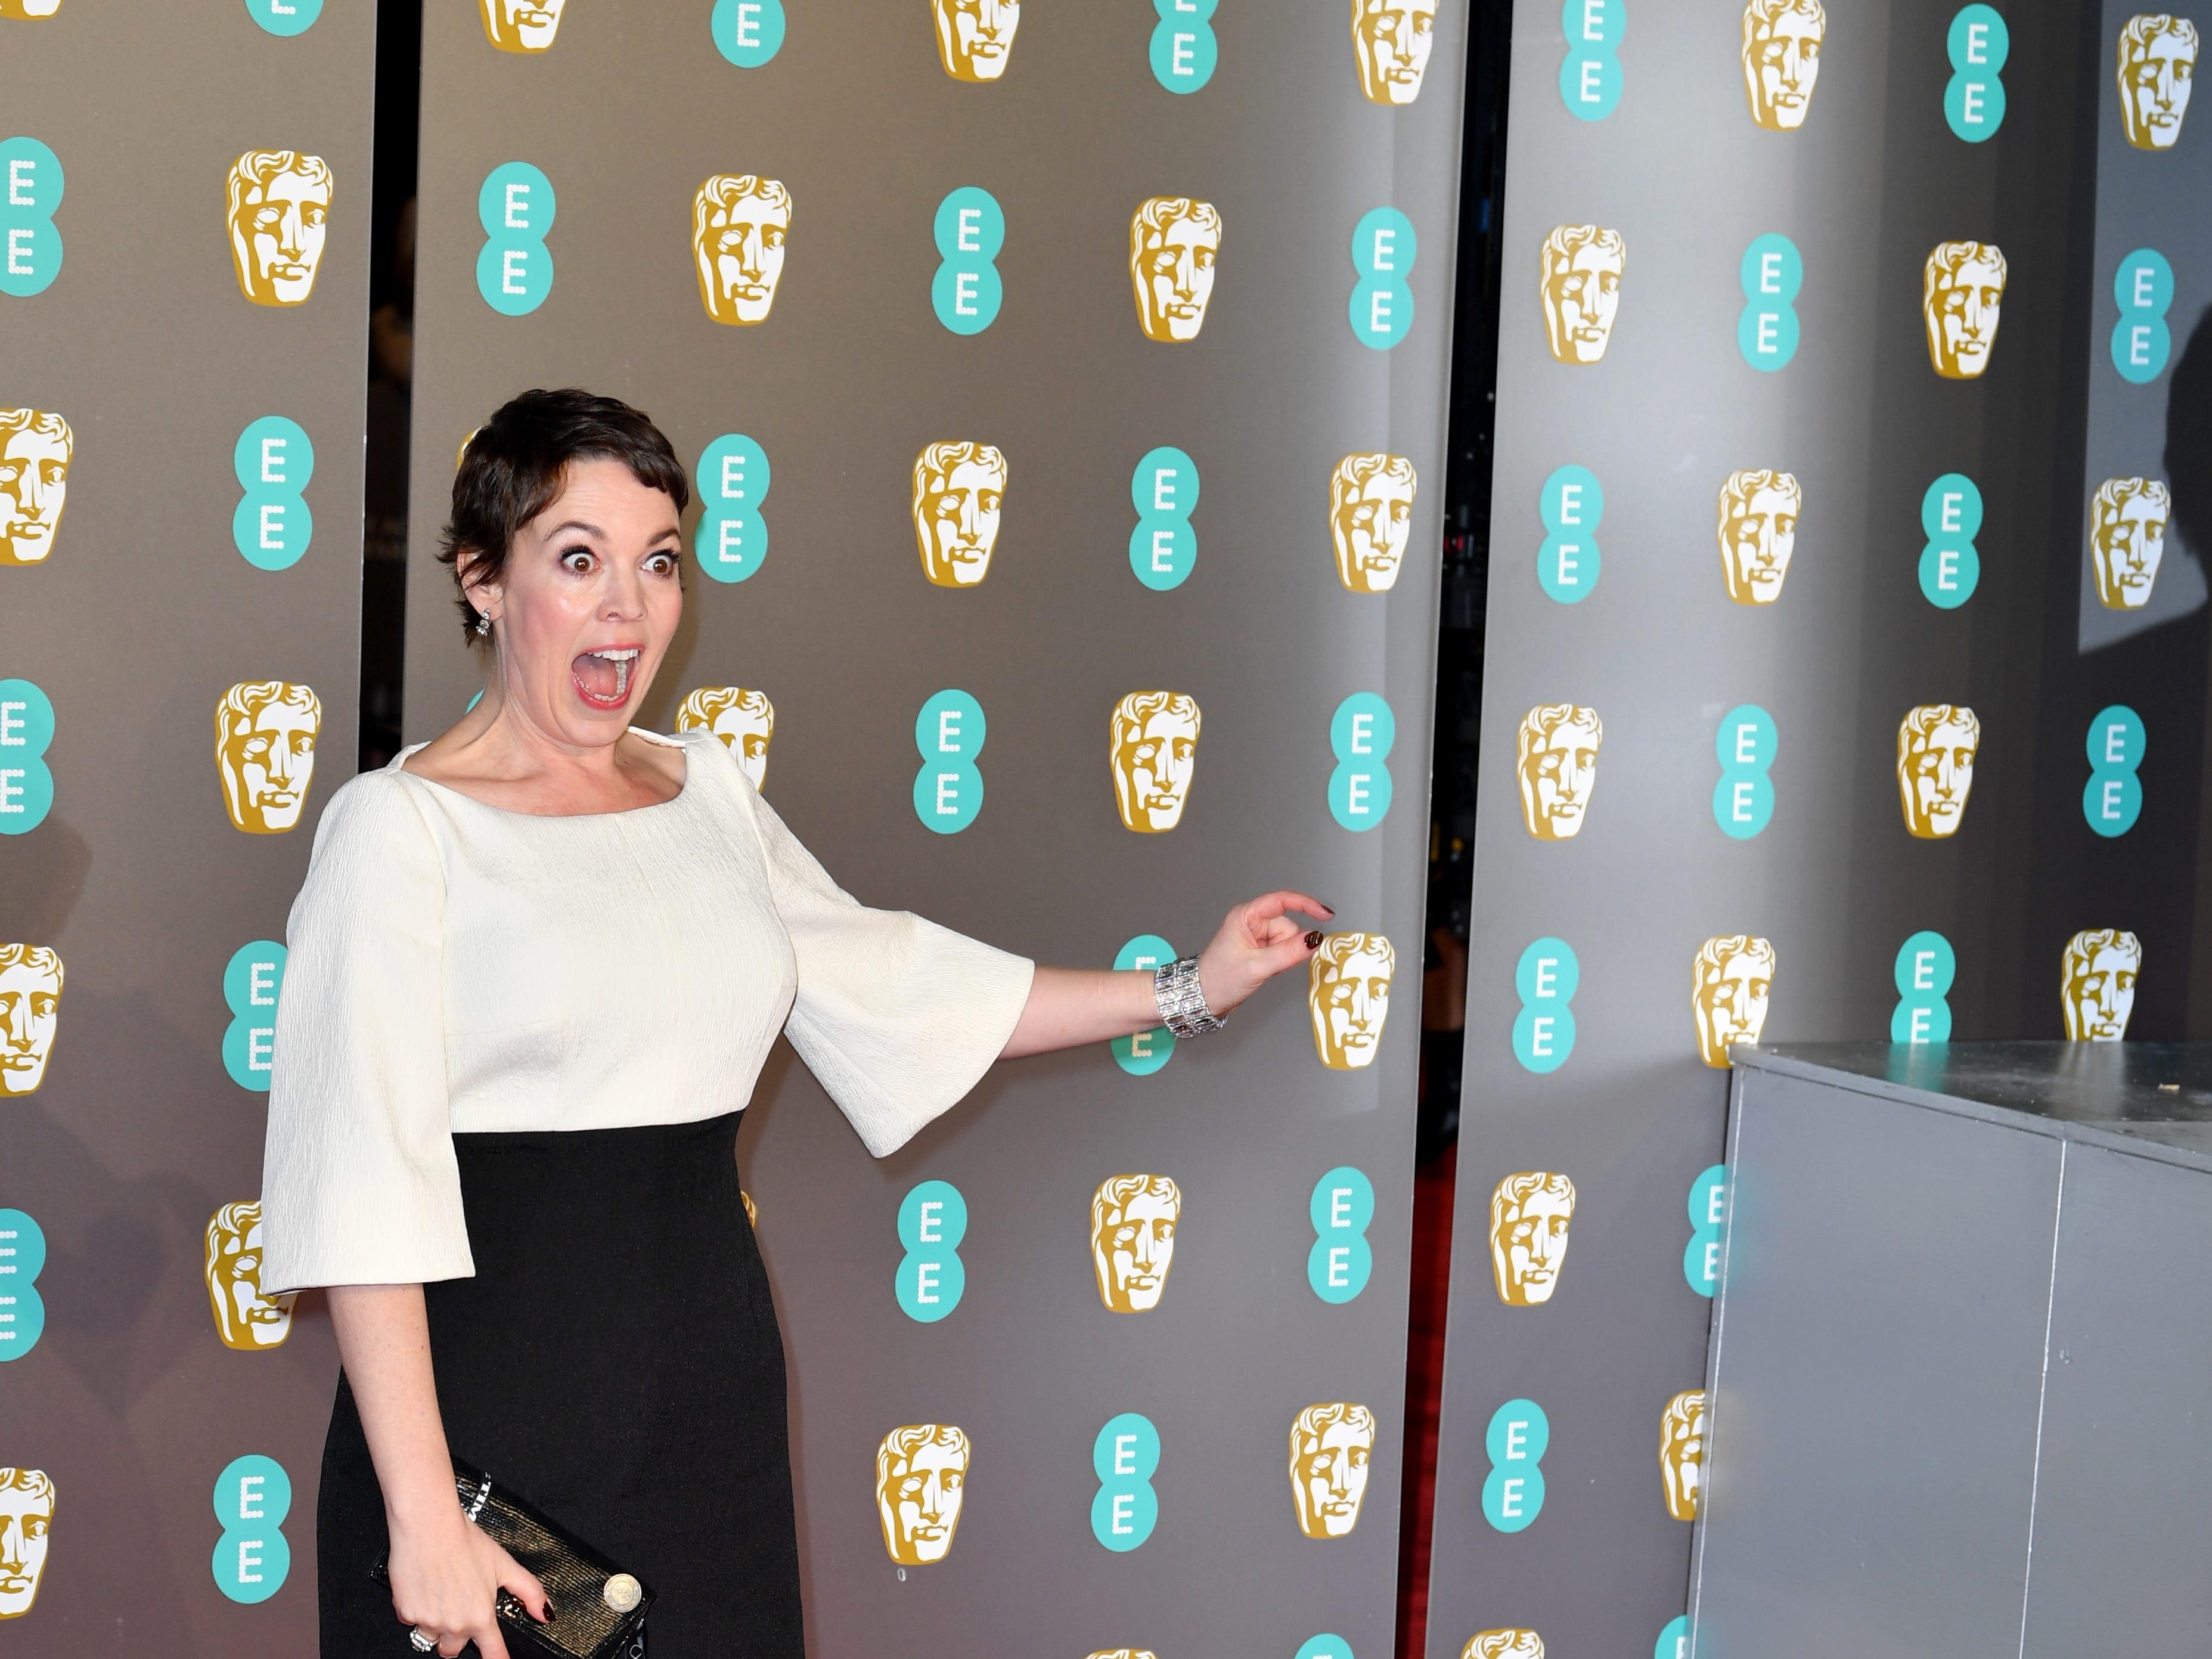 Olivia Colman a su llegada a la alfombra roja de los Premios de la Academia Británica de Cine BAFTA en el Royal Albert Hall en Londres el 10 de febrero de 2019.